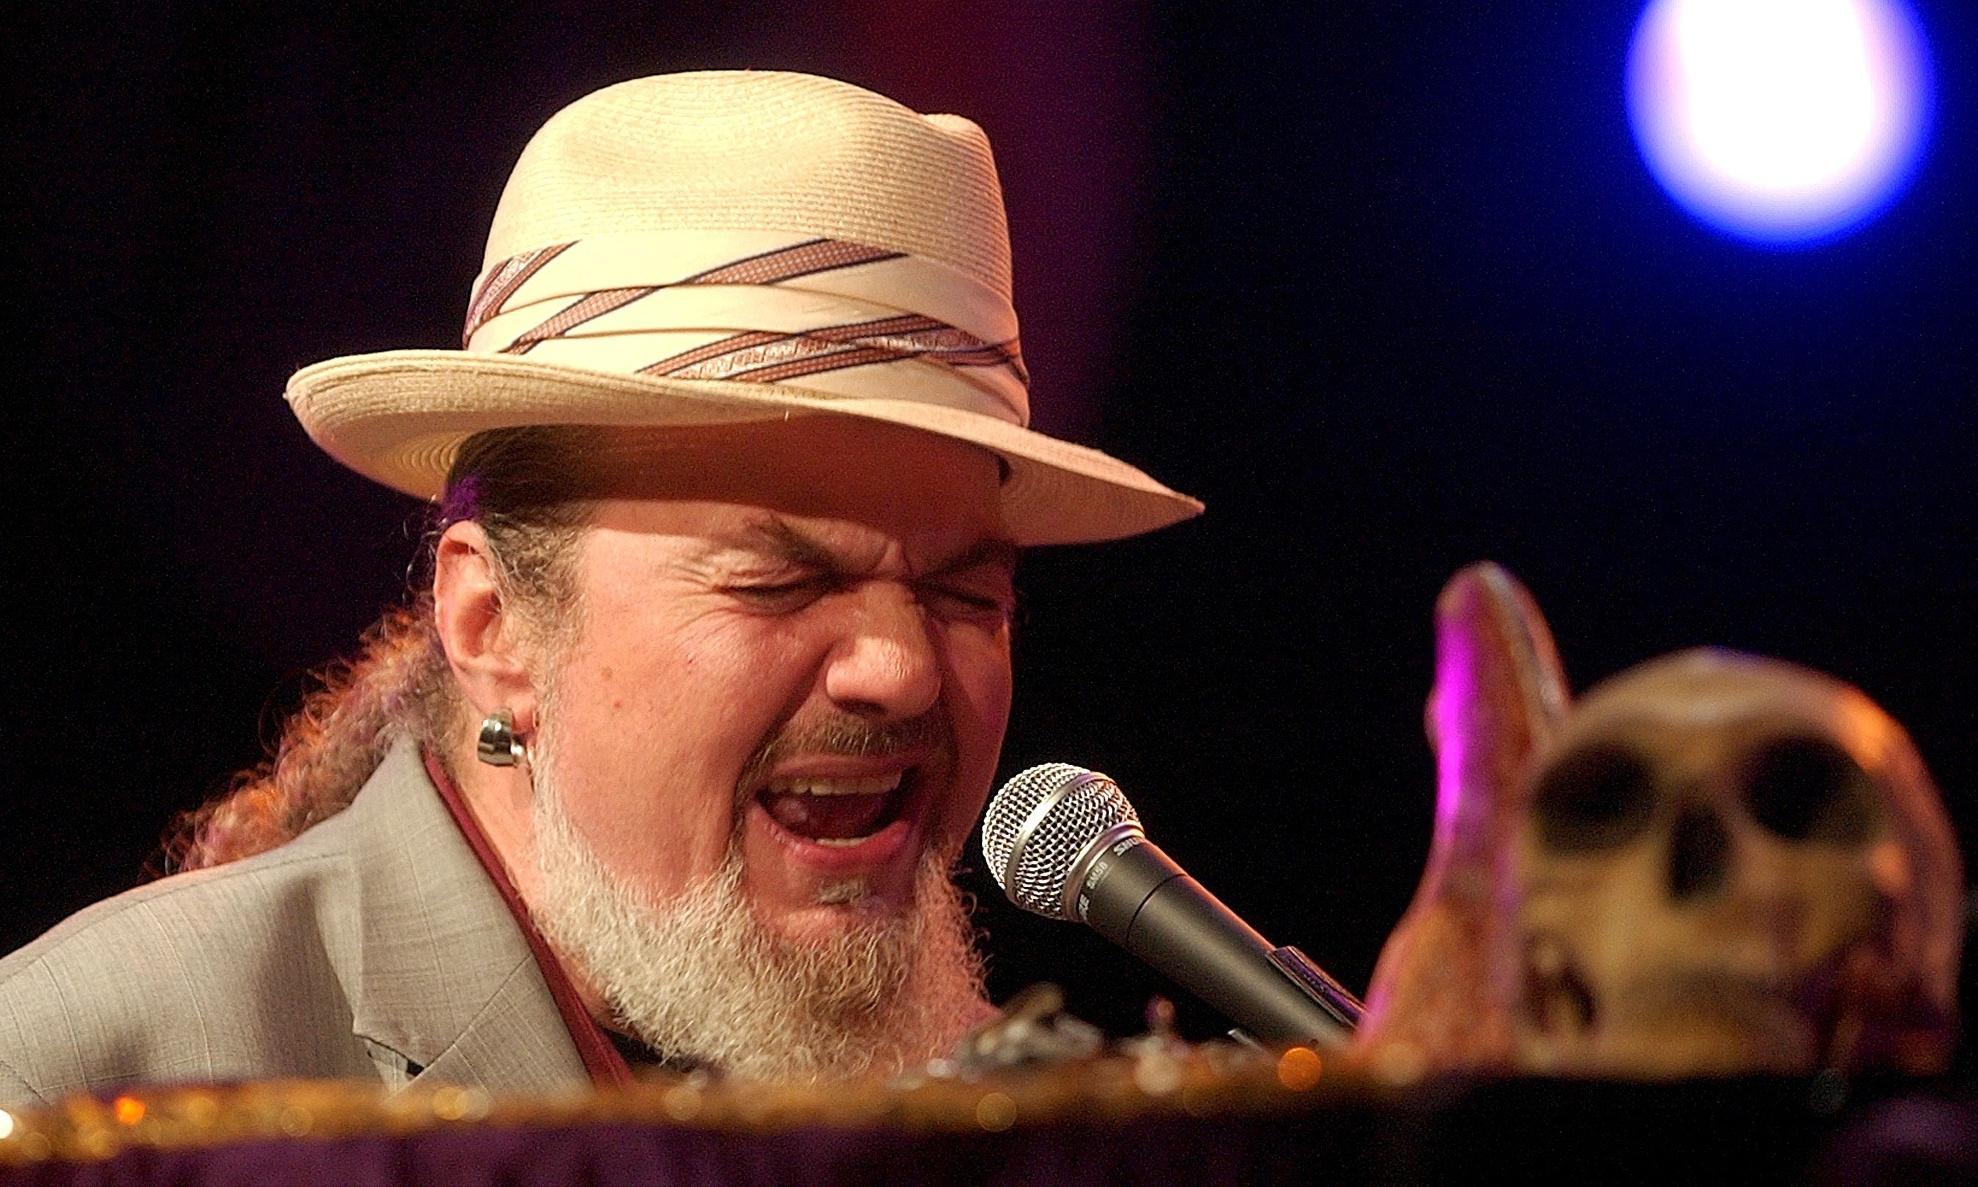 Dr John, legendary genre-bending New Orleans musician, dies aged 77